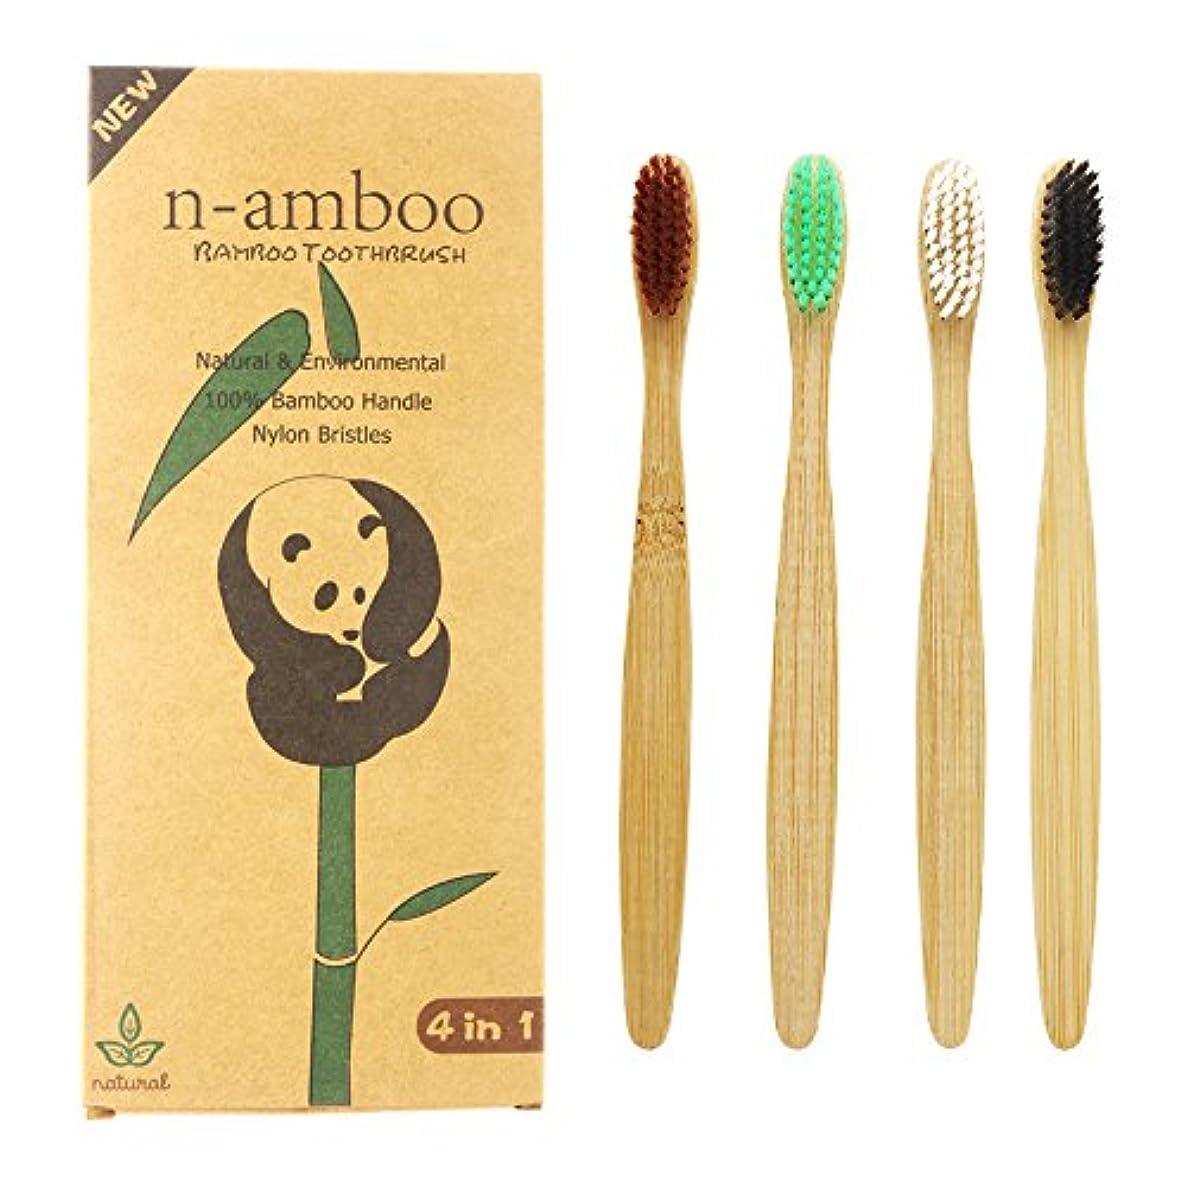 敷居宅配便延期するN-amboo 竹製 歯ブラシ 高耐久性 4種類 4色セット エコ 軽量 4本入りセット